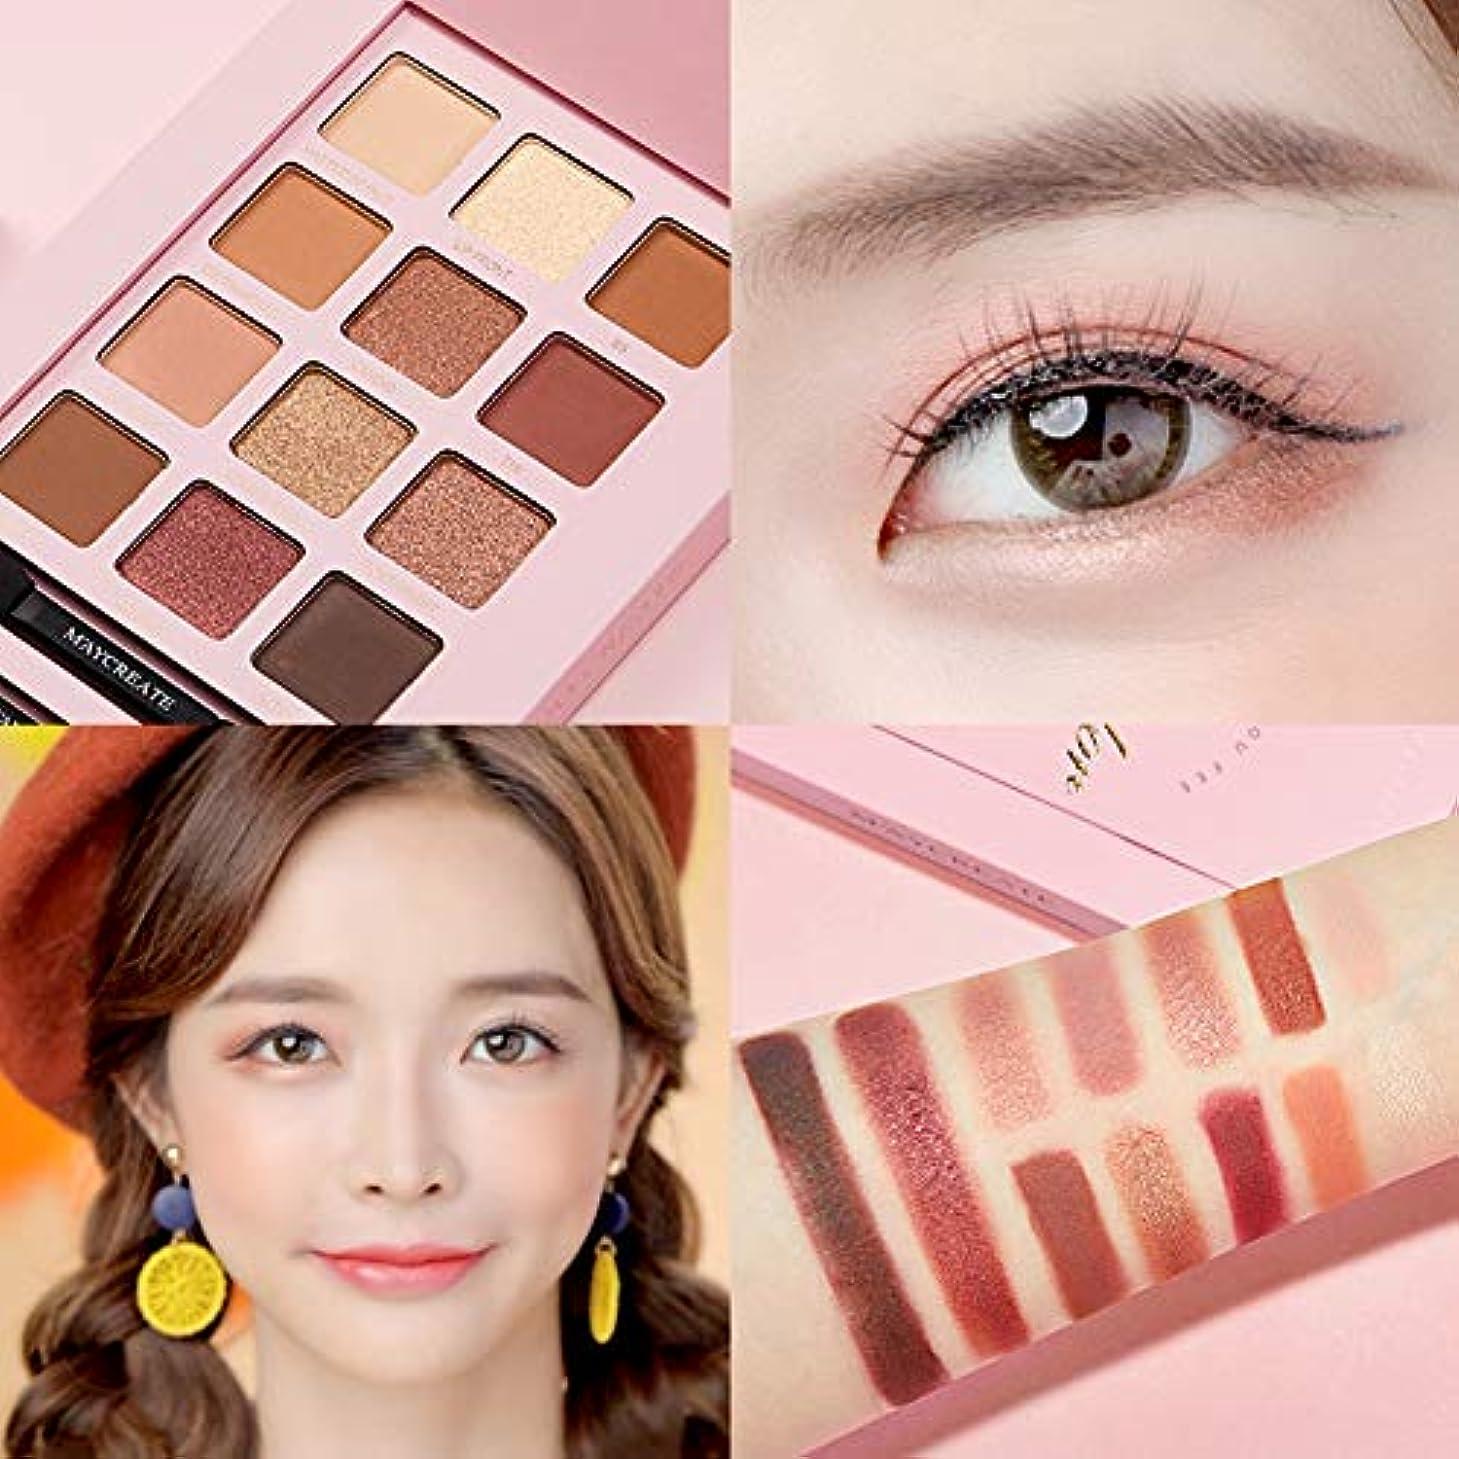 バナナゲートウェイ継続中Dkhsyアイシャドーマットアイシャドープレート美容女性の目の化粧品ラスティングキラキラアイシャドウ化粧品ツール 12色